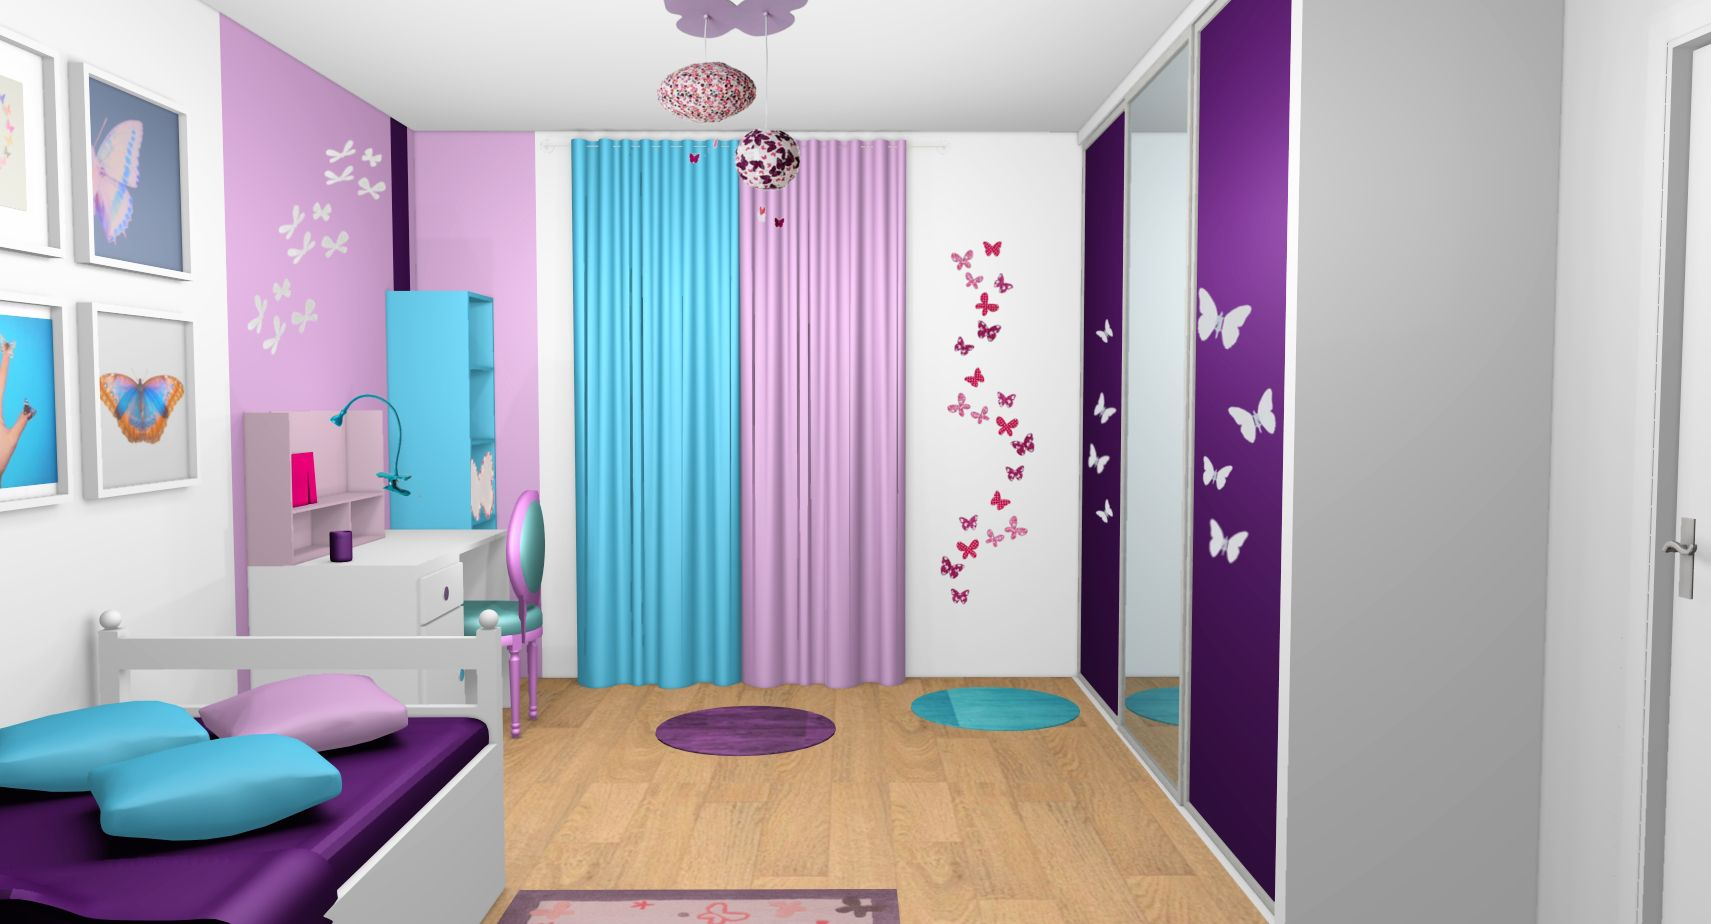 Chambre fille violet mauve turquoise papillons bandes peinture  Chambre fille  Pinterest